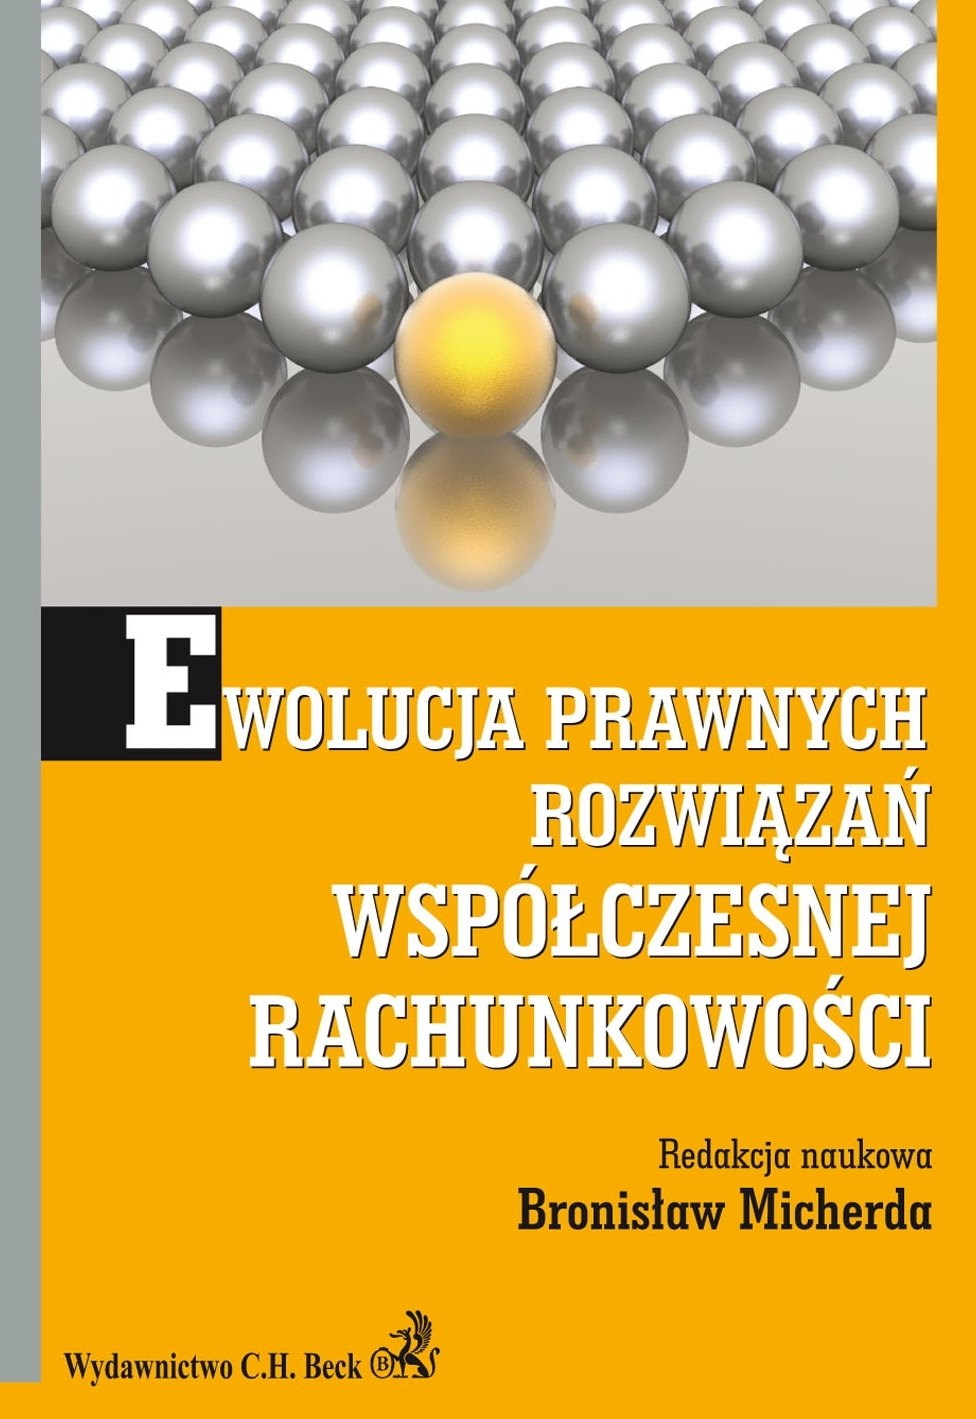 Ewolucja prawnych rozwiązań współczesnej rachunkowości - Ebook (Książka PDF) do pobrania w formacie PDF